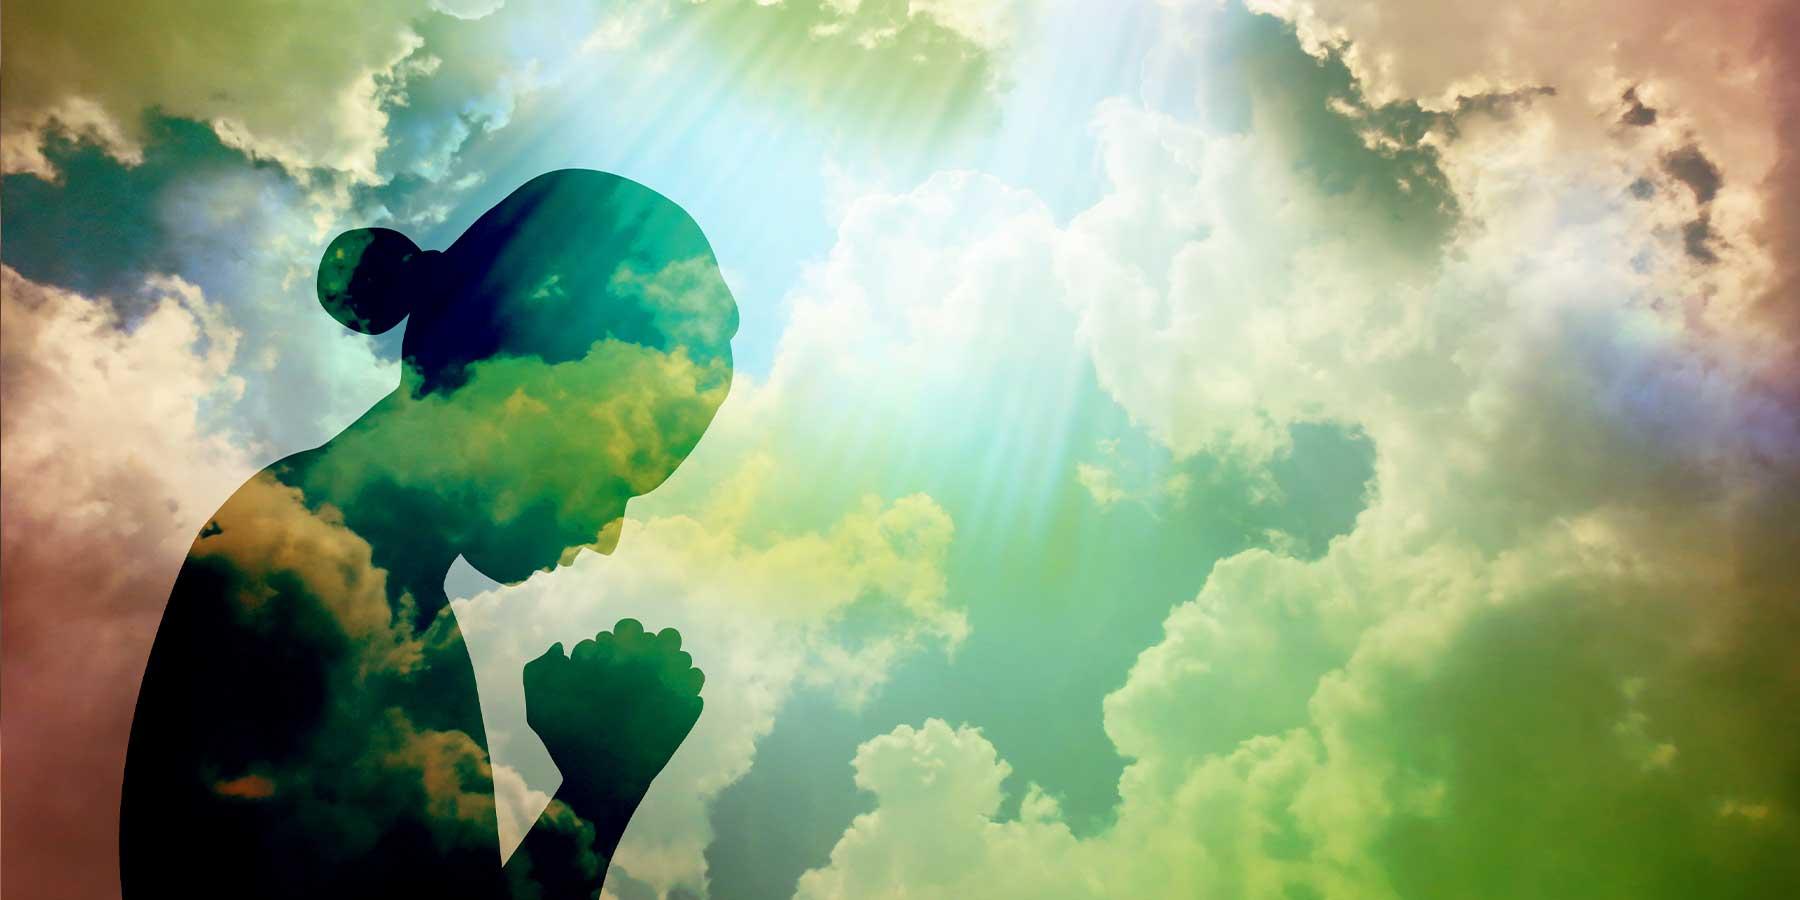 God's world